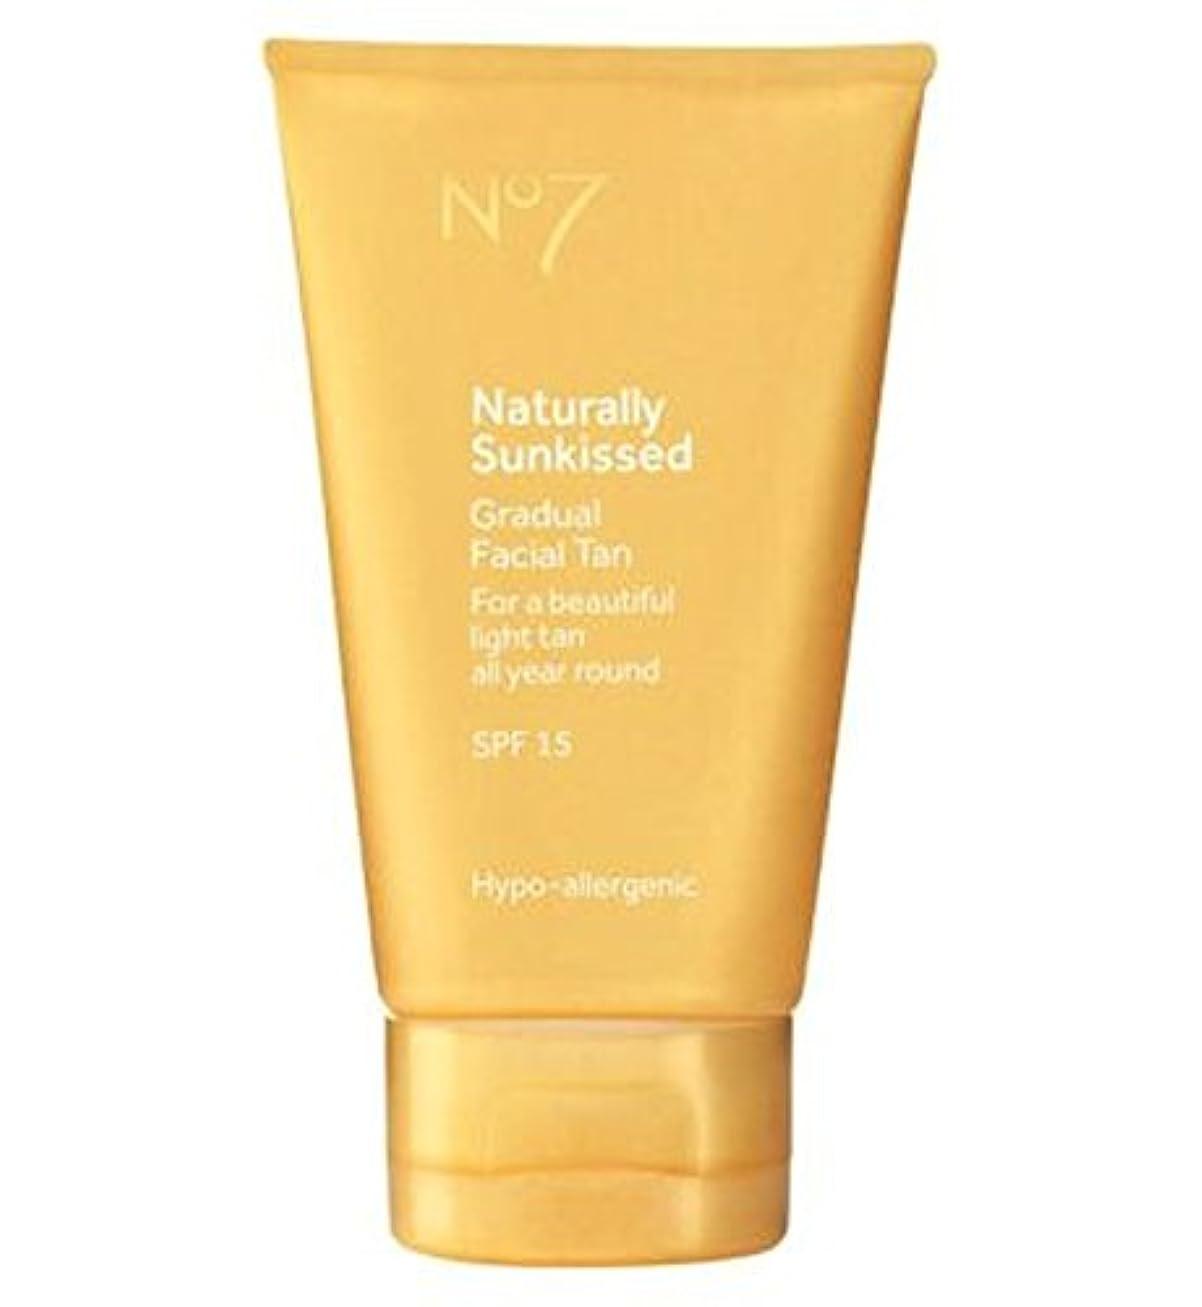 なに誇大妄想忍耐No7は自然に太陽が緩やかな顔日焼けSp15にキスをしました (No7) (x2) - No7 Naturally Sun Kissed Gradual Face Tan SP15 (Pack of 2) [並行輸入品]